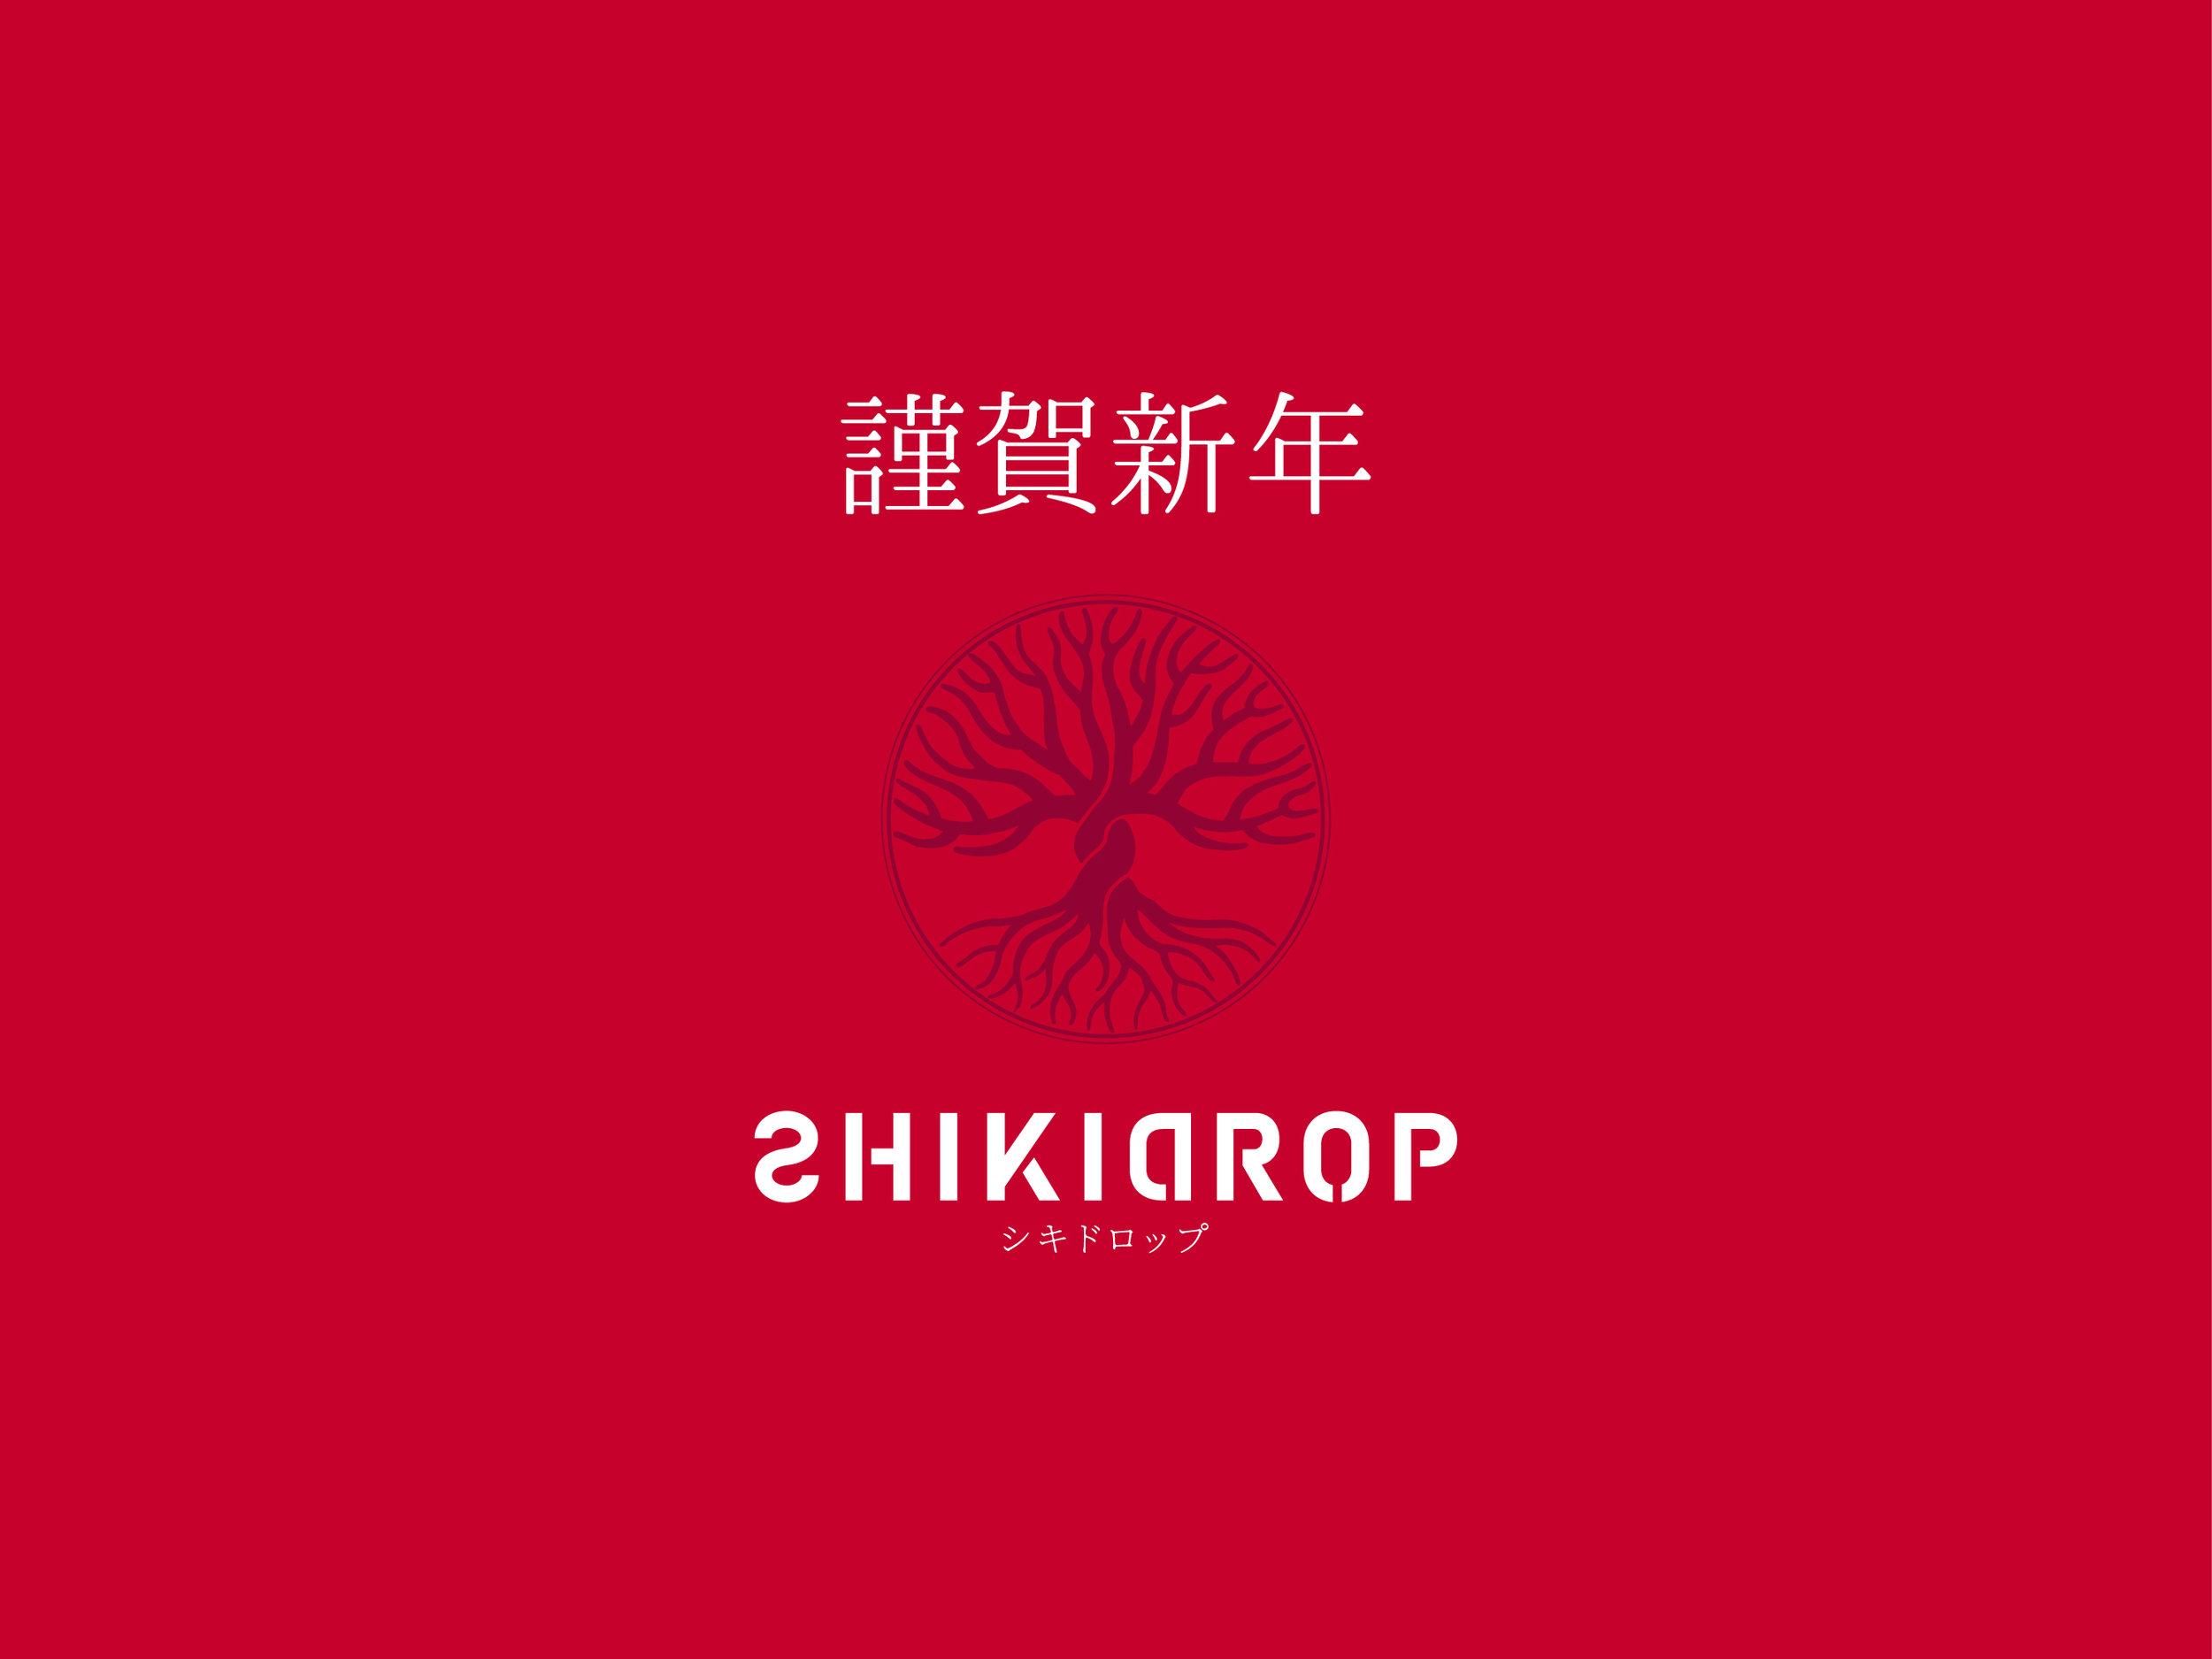 SD_新年ロゴ.jpg